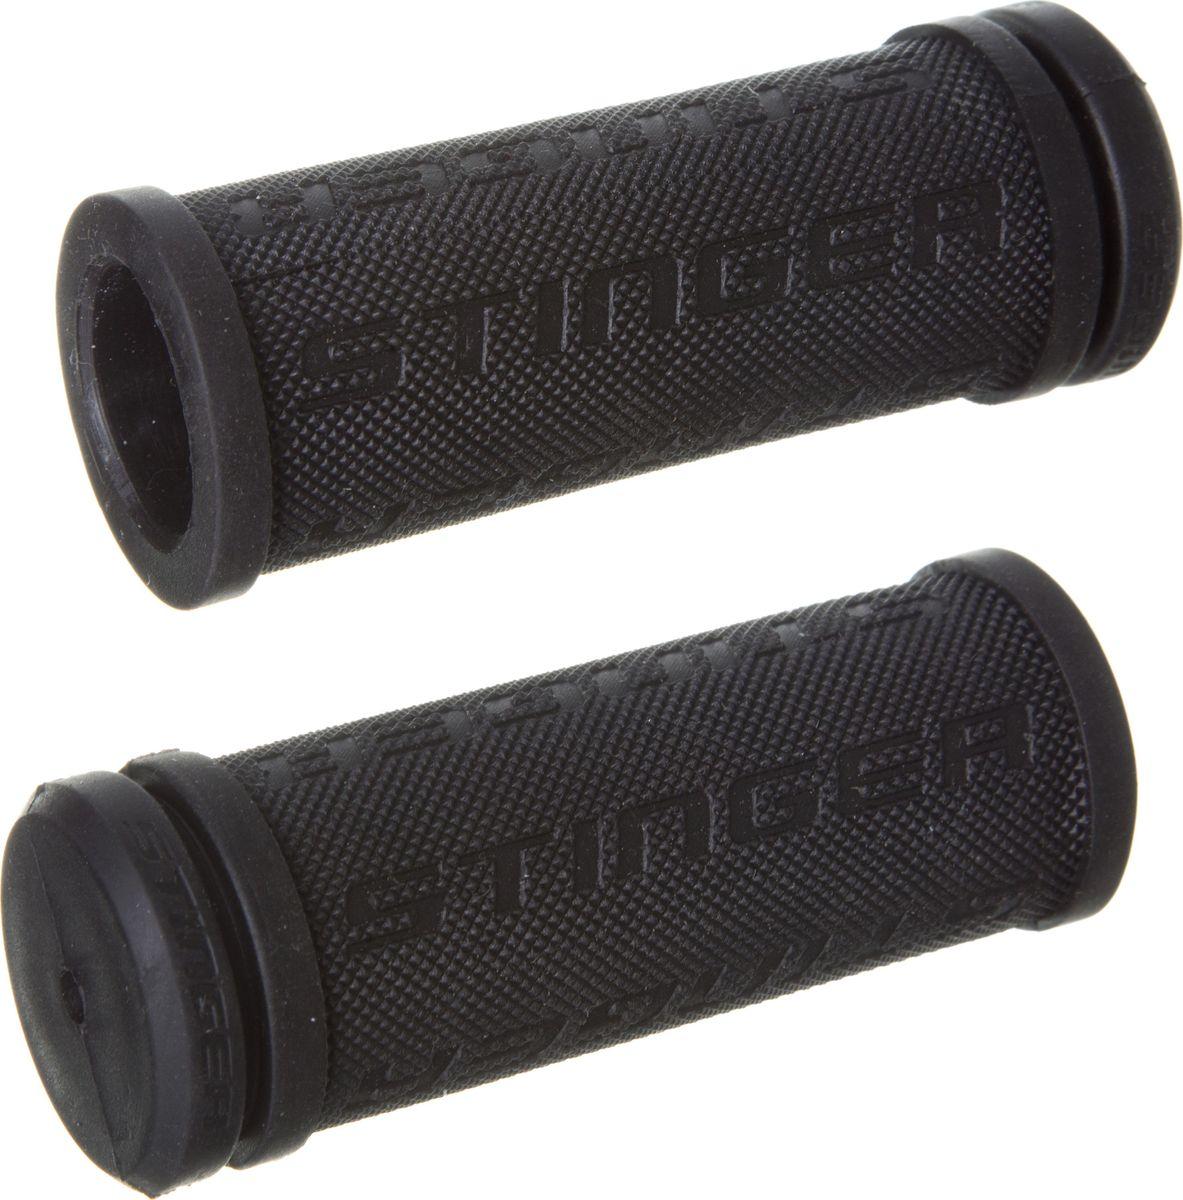 Грипсы STG HL-G92-1 BK, цвет: черный, 76 ммZ90 blackГрипсы предназначены для увеличения сцепления рук с рулём. Длина 76 мм.